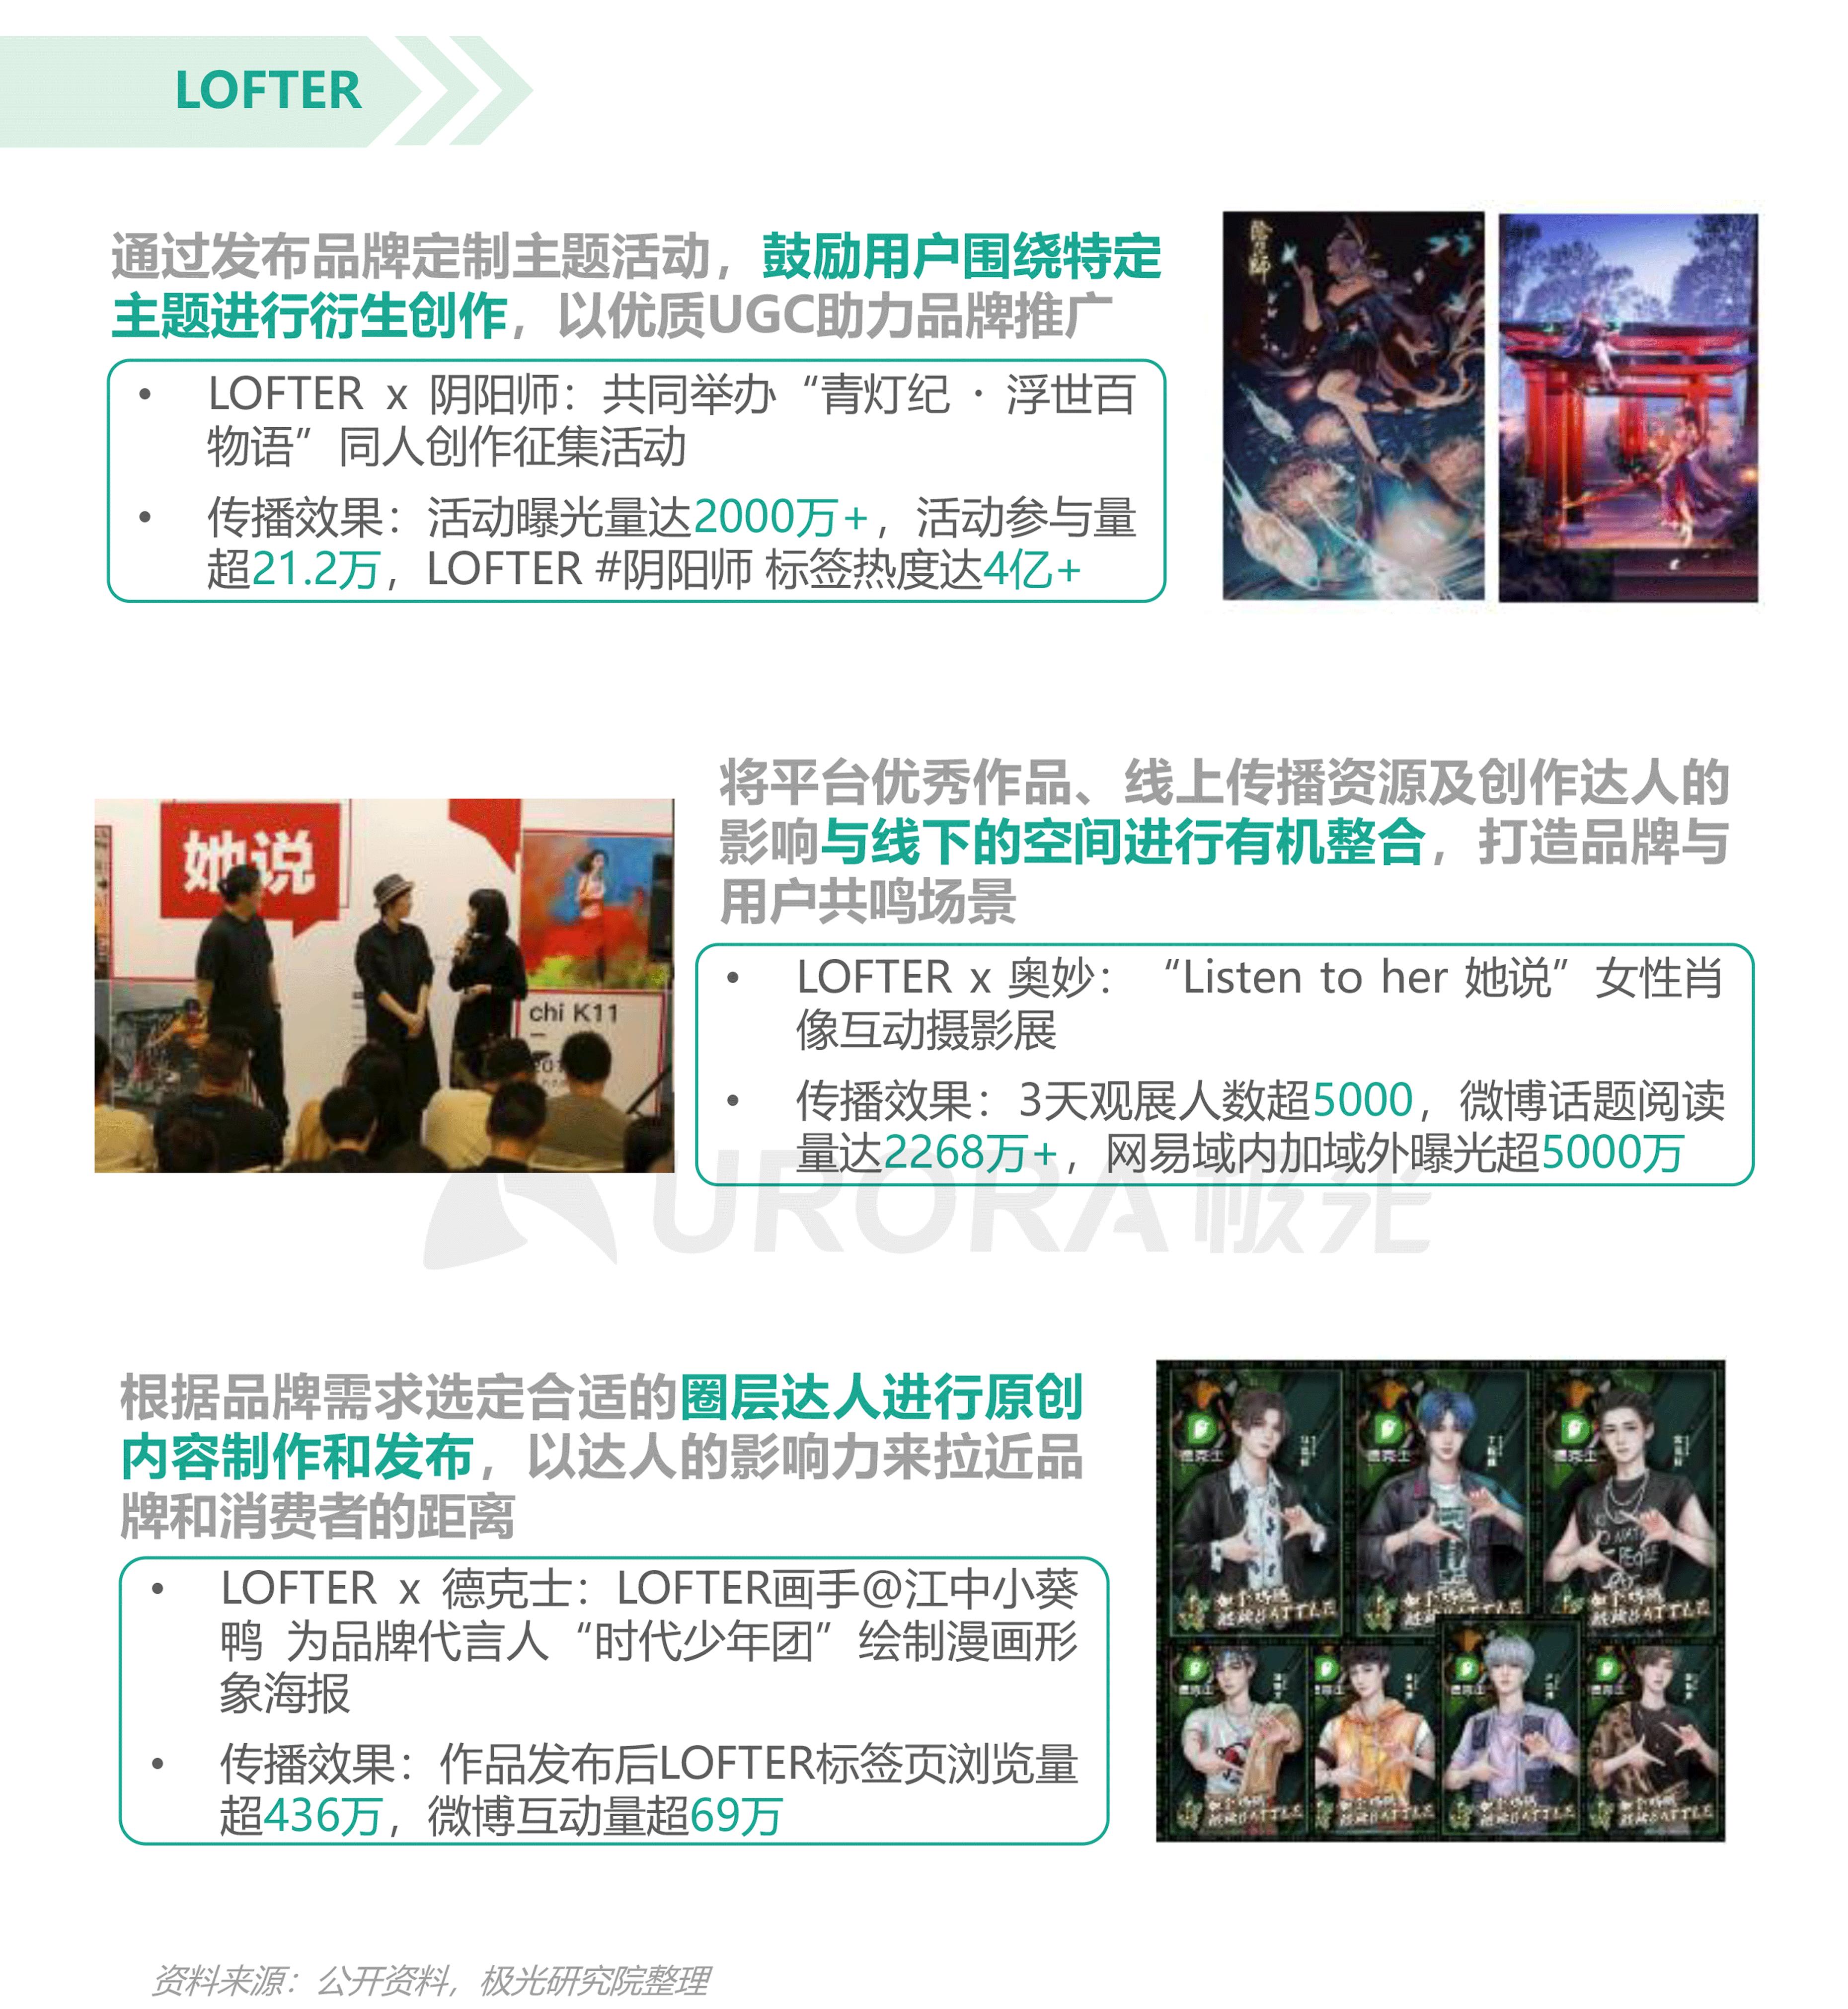 2021年轻人营销趋势研究报告【定稿】-43.png